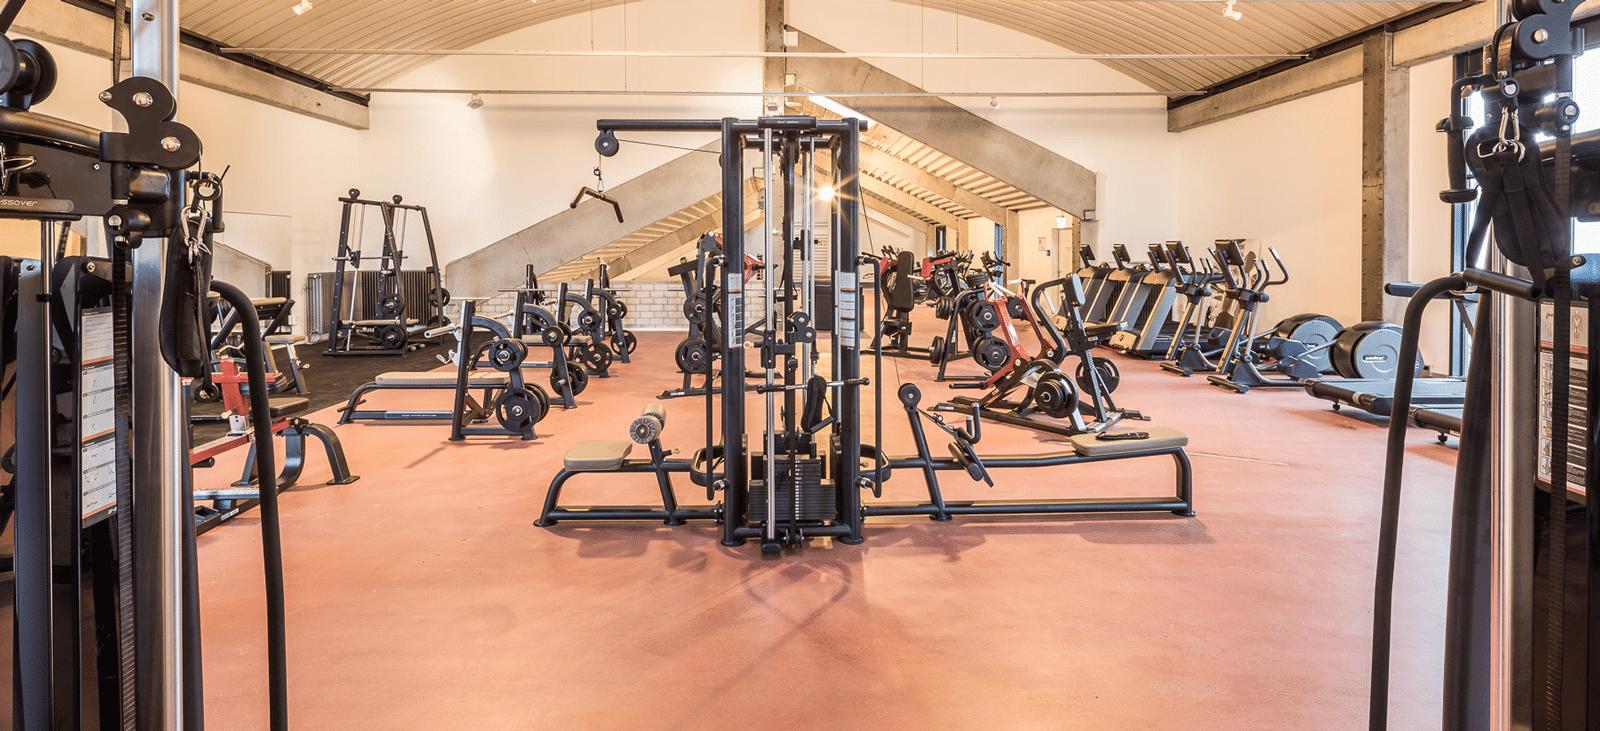 Trainingsturm-im-Fitnessstudio-Loft-Gundelfingen-1600x731px